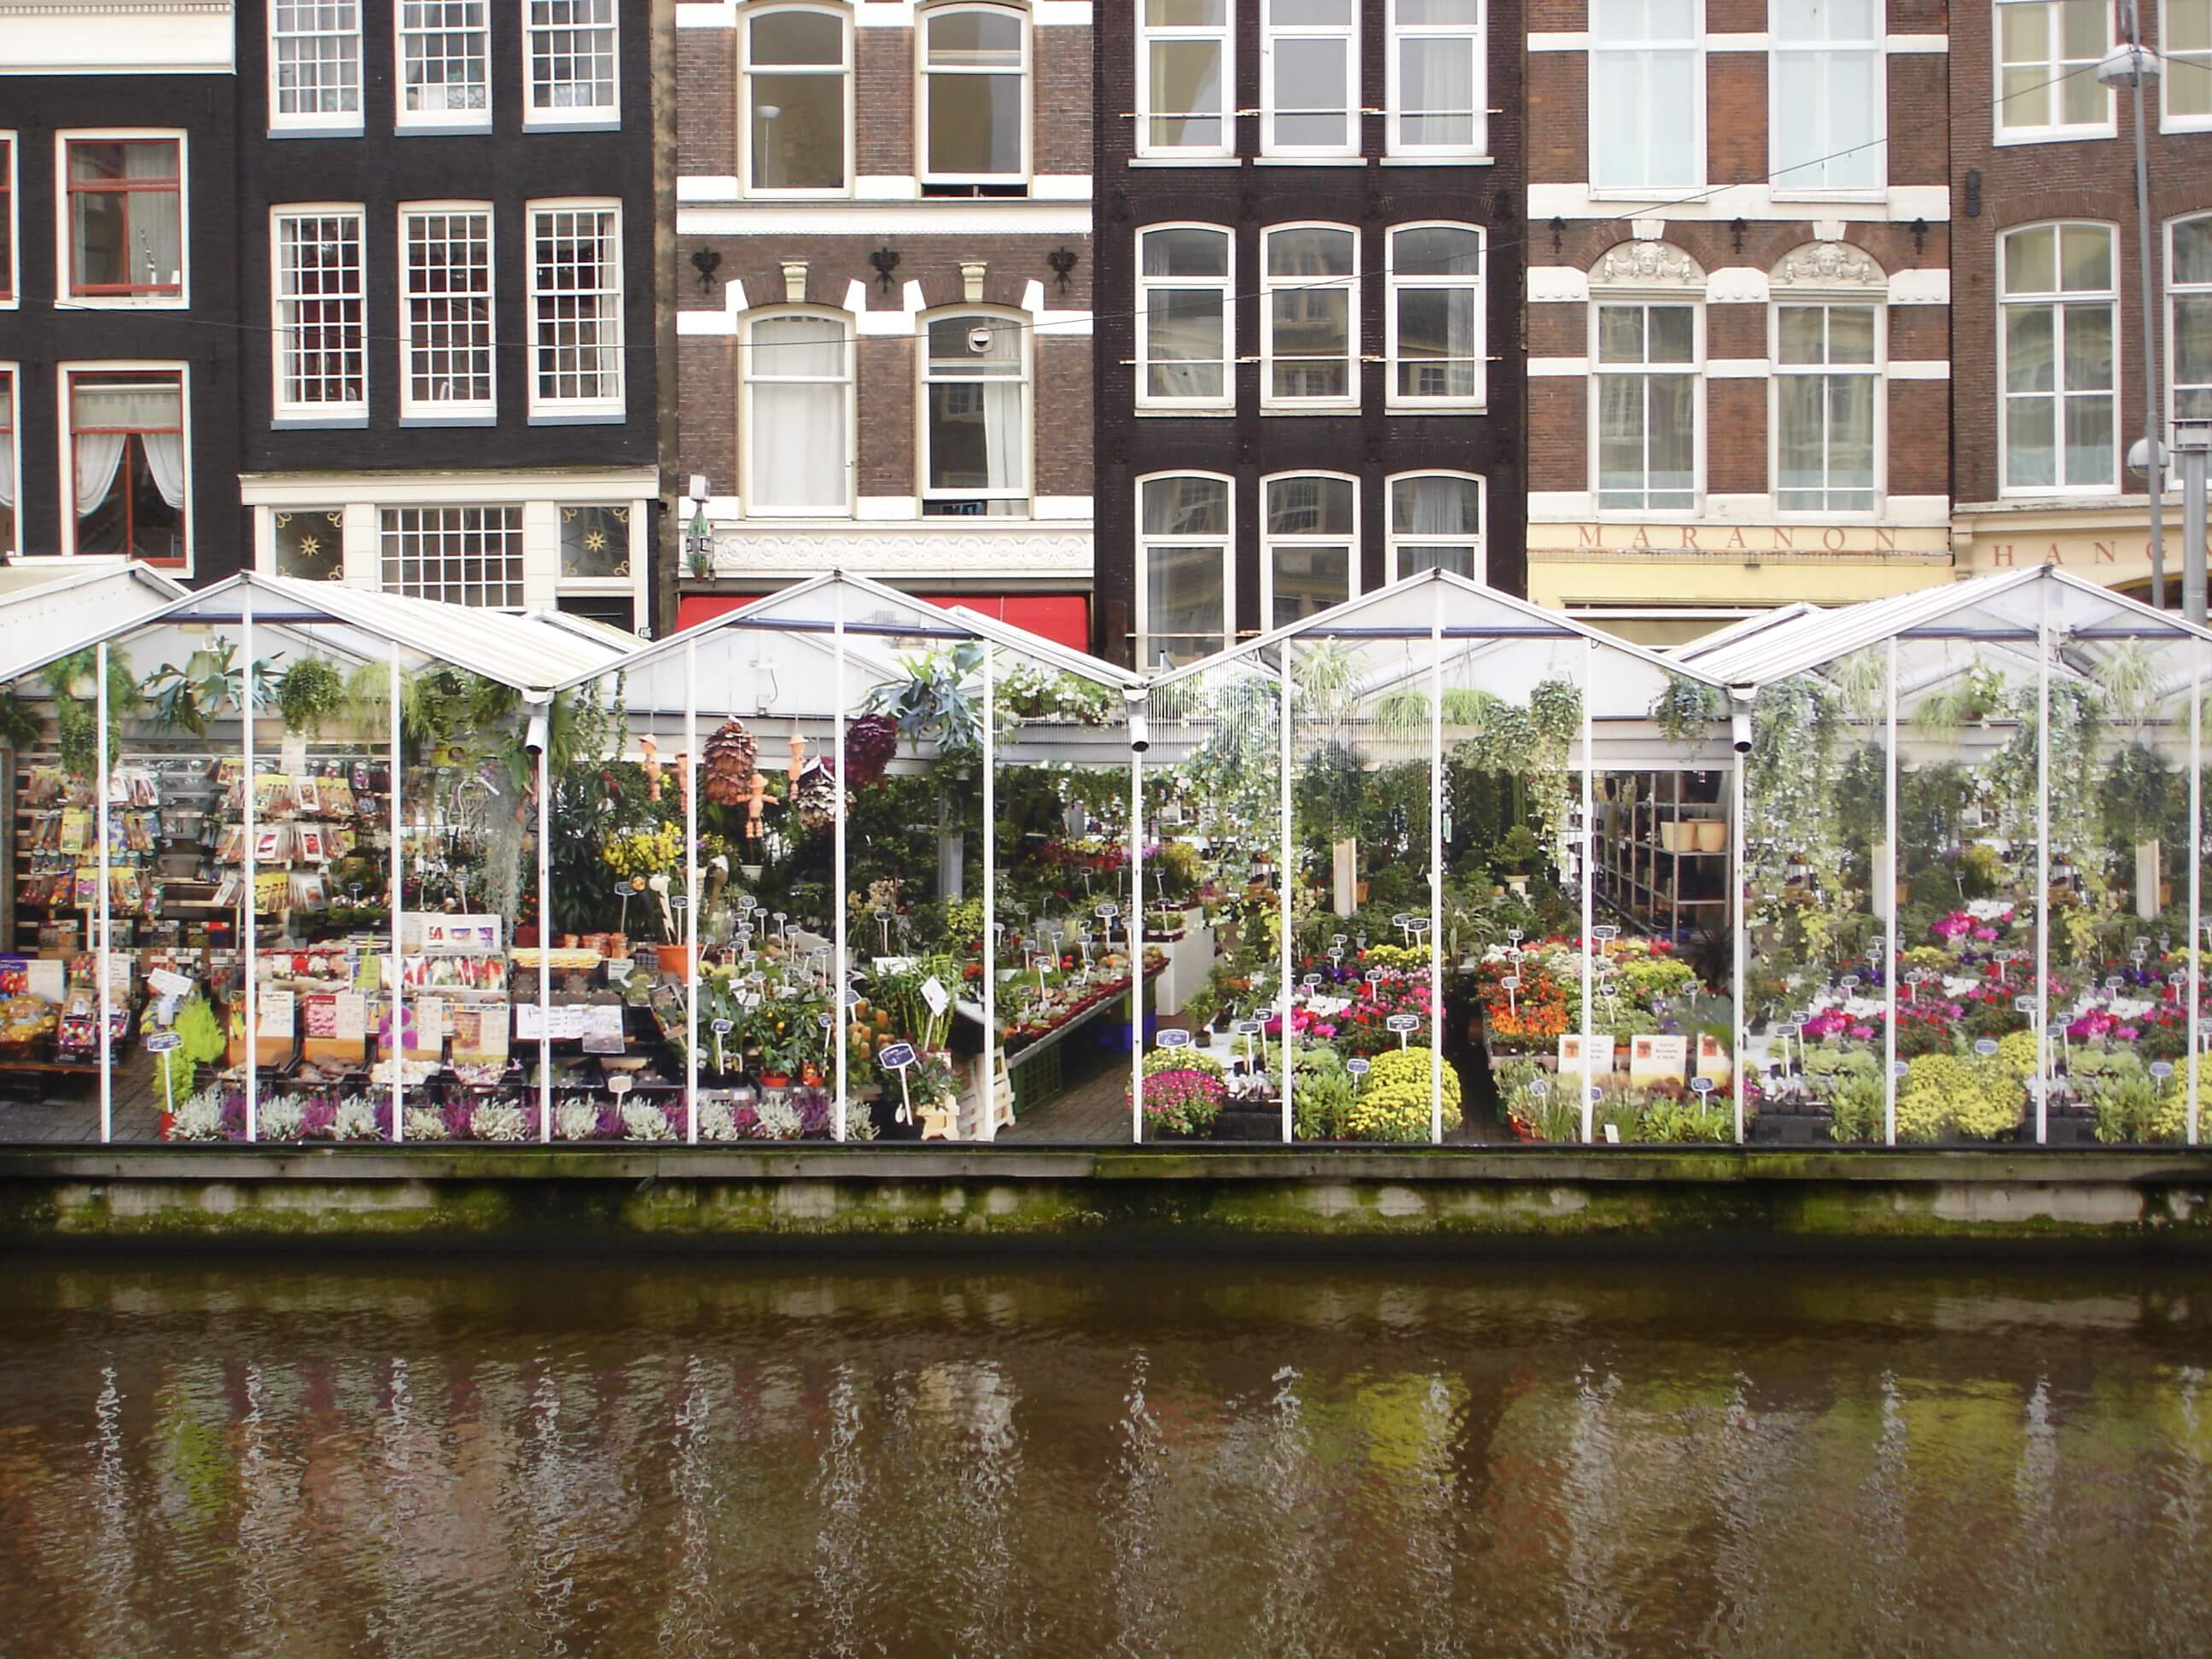 mercado de las flores en un día en Ámsterdam